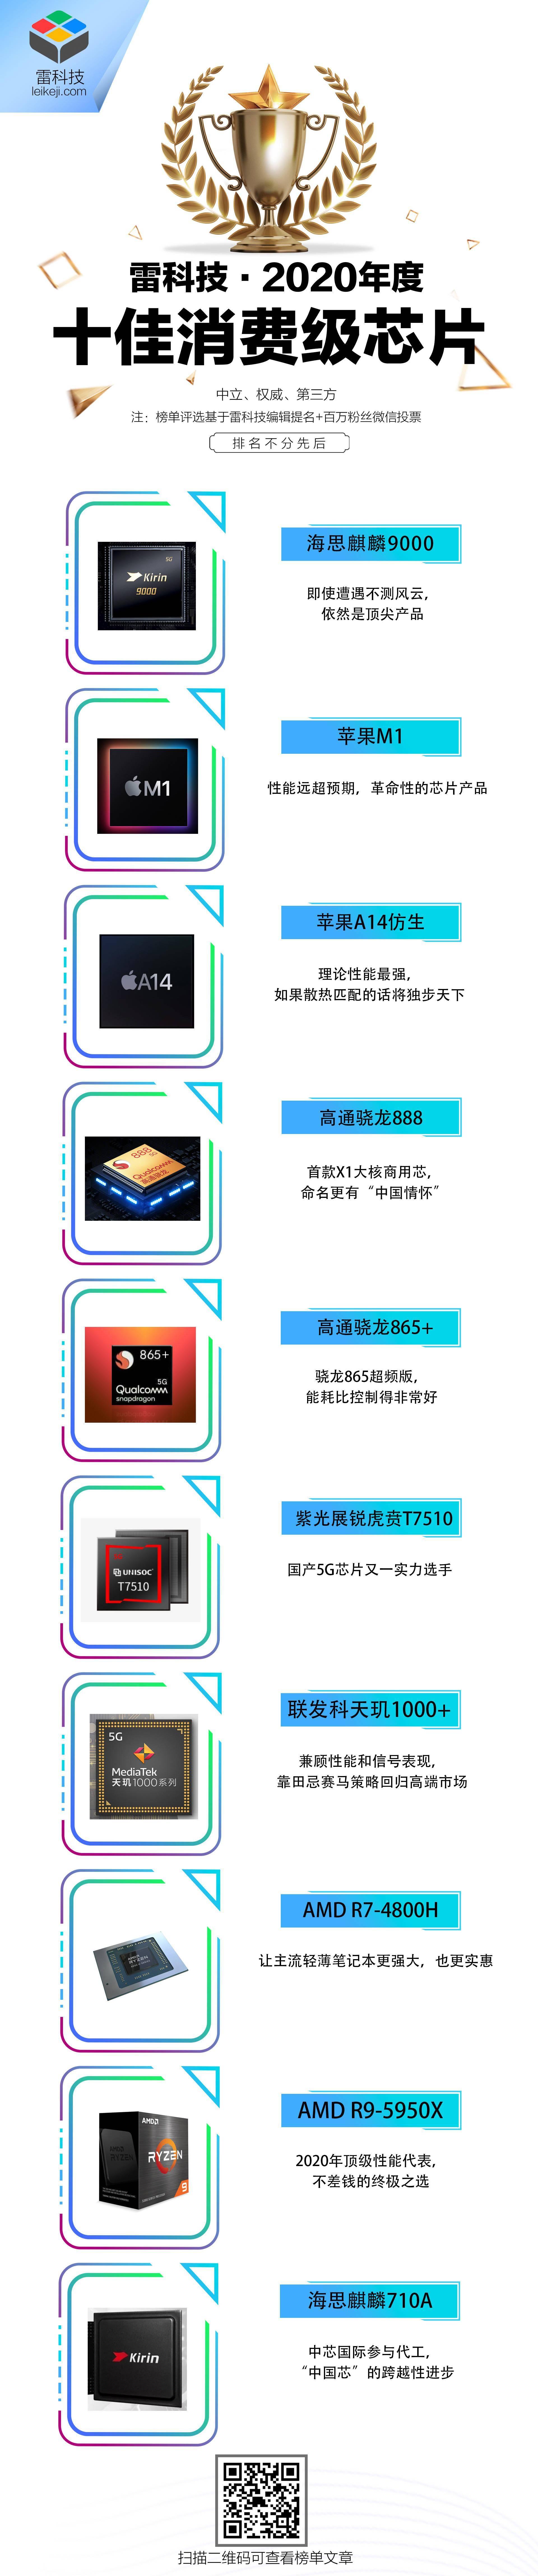 天顺平台开户-首页【1.1.0】  第2张